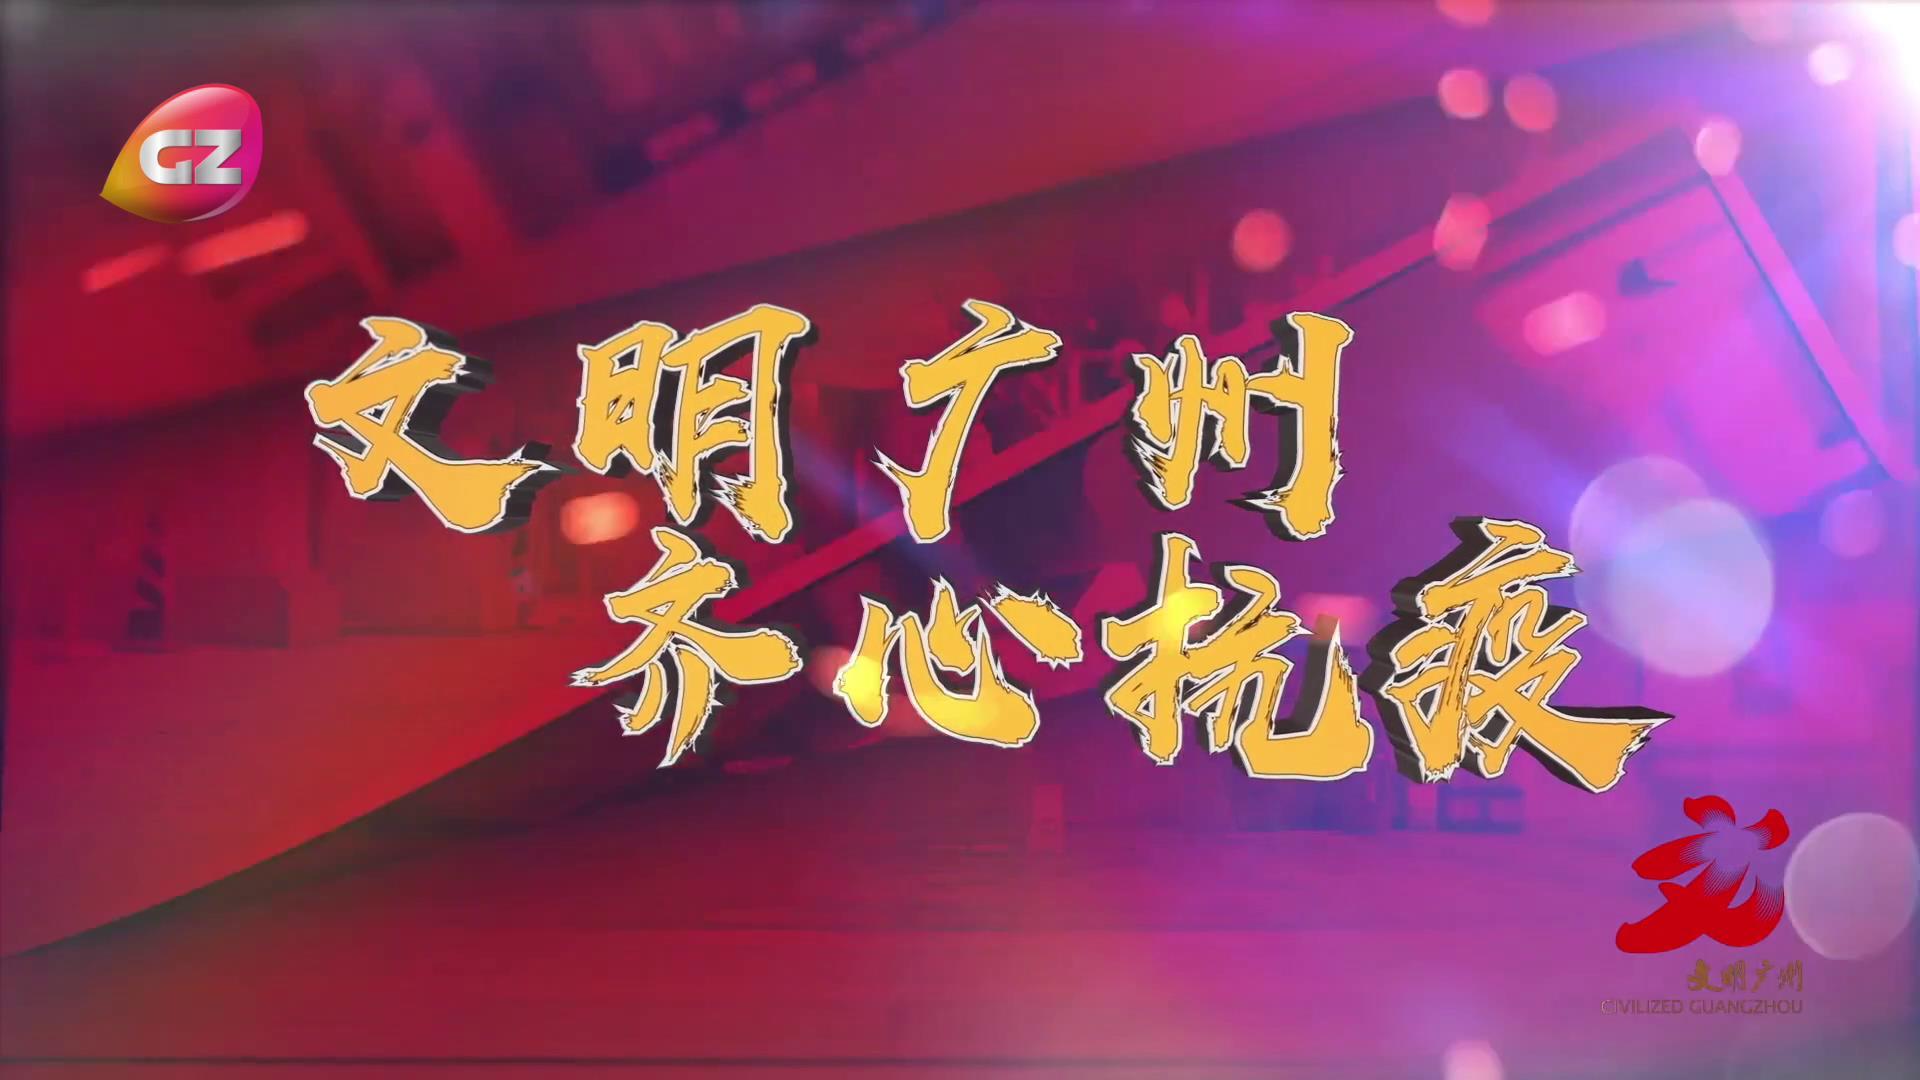 【广州好人1】大奖广州 共同抗疫封面图.jpg